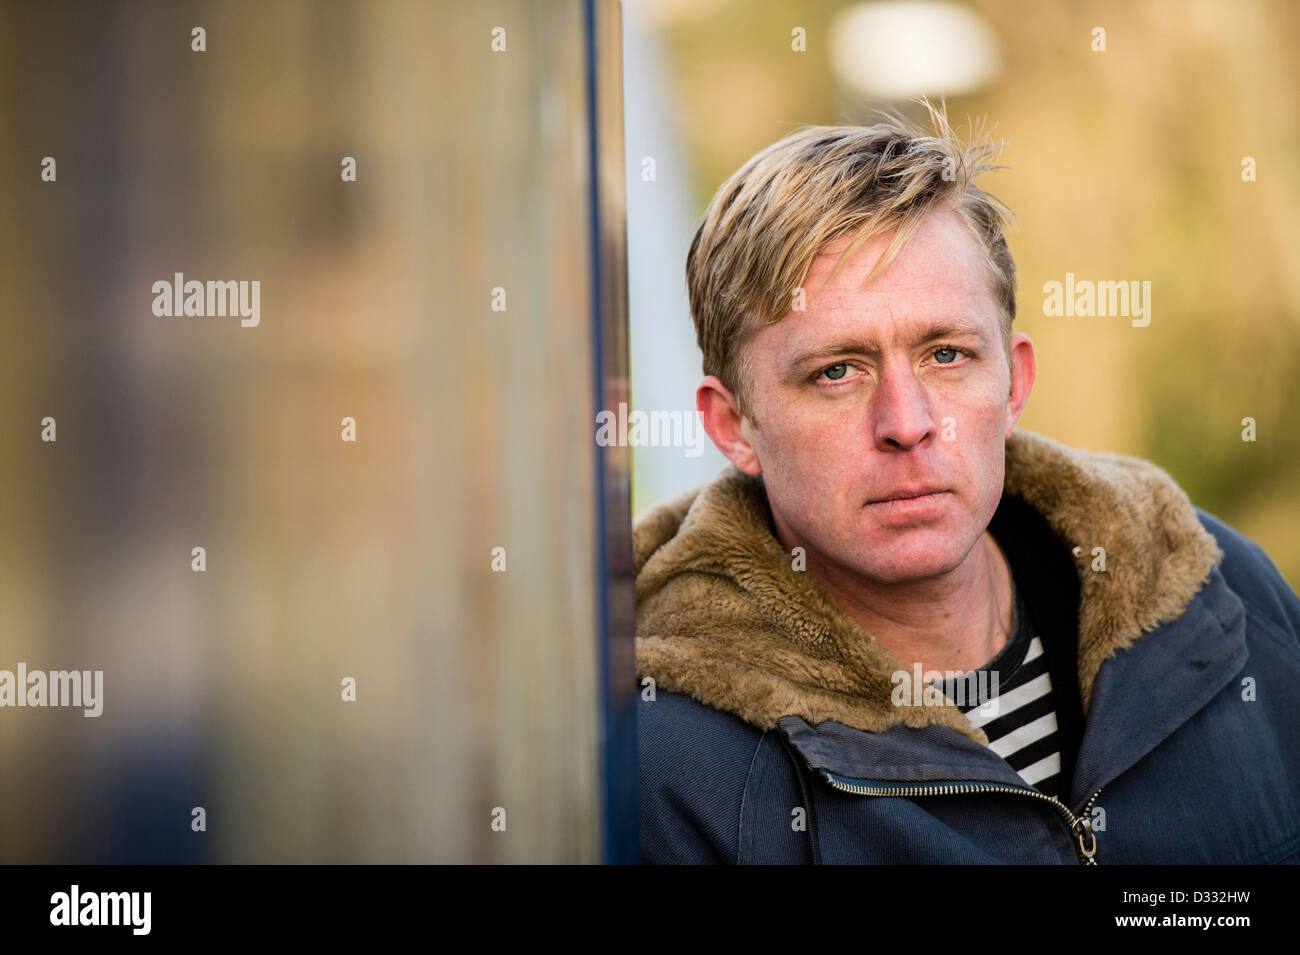 Un homme blond slim homme, fin des années 30 / début des années 40, seul à seul, solo triste UK Banque D'Images